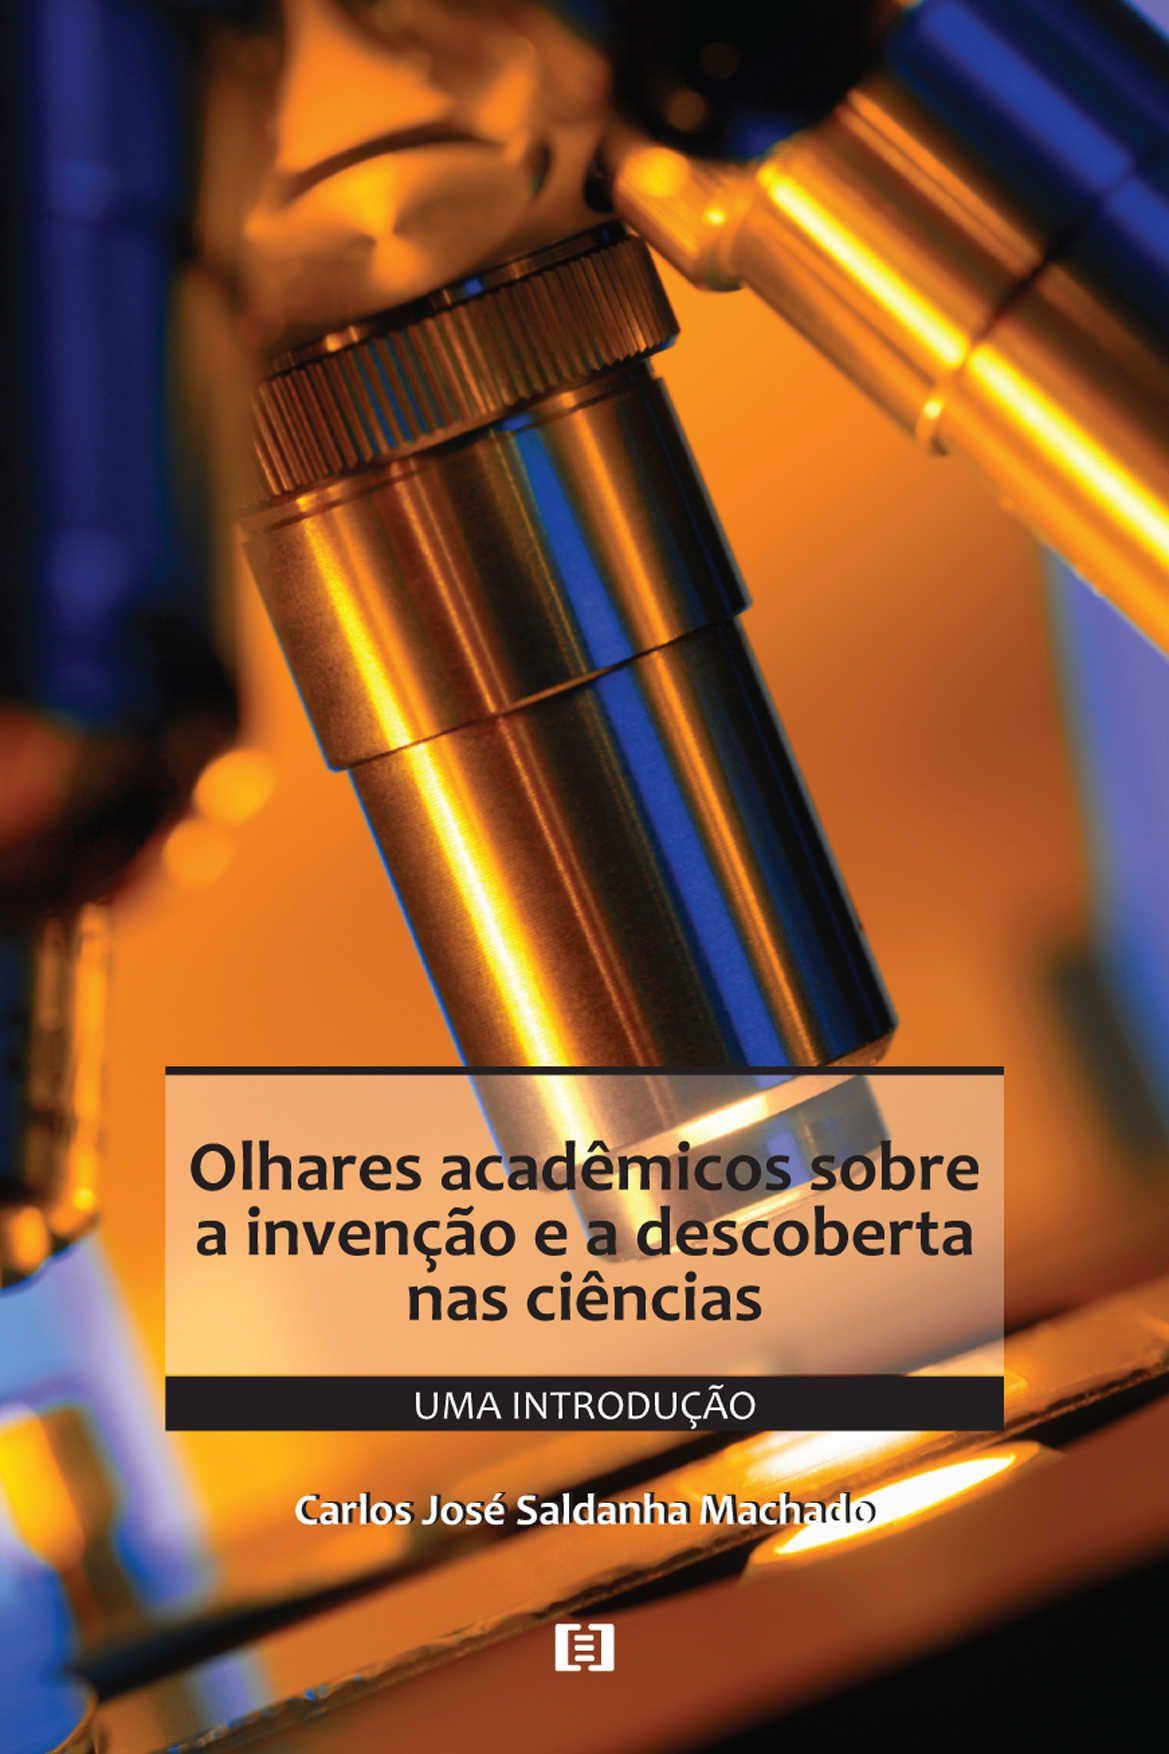 Olhares acadêmicos sobre a invenção e a descoberta nas ciências: uma introdução